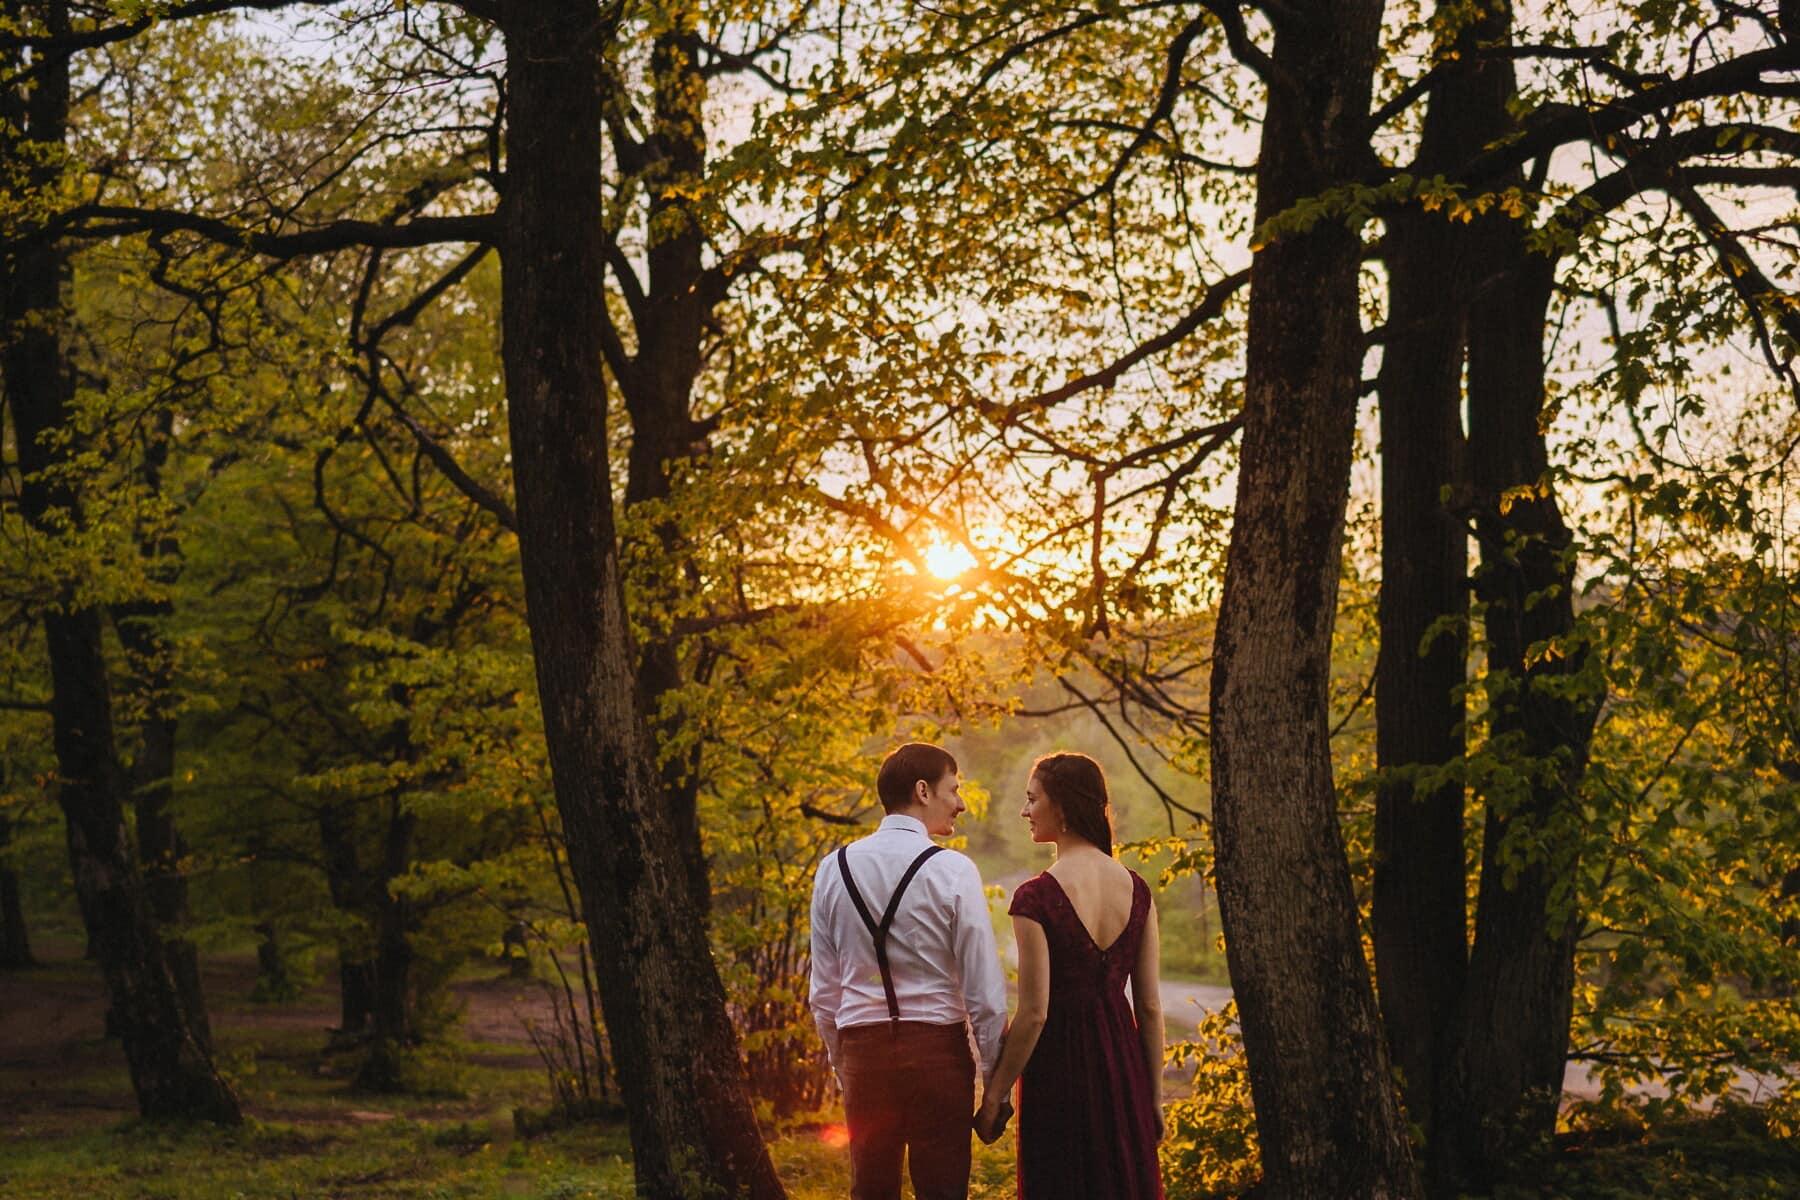 romantisk date, solnedgang, elsker, kjæreste, årgang, kjæreste, bestått, følelser, blad, treet